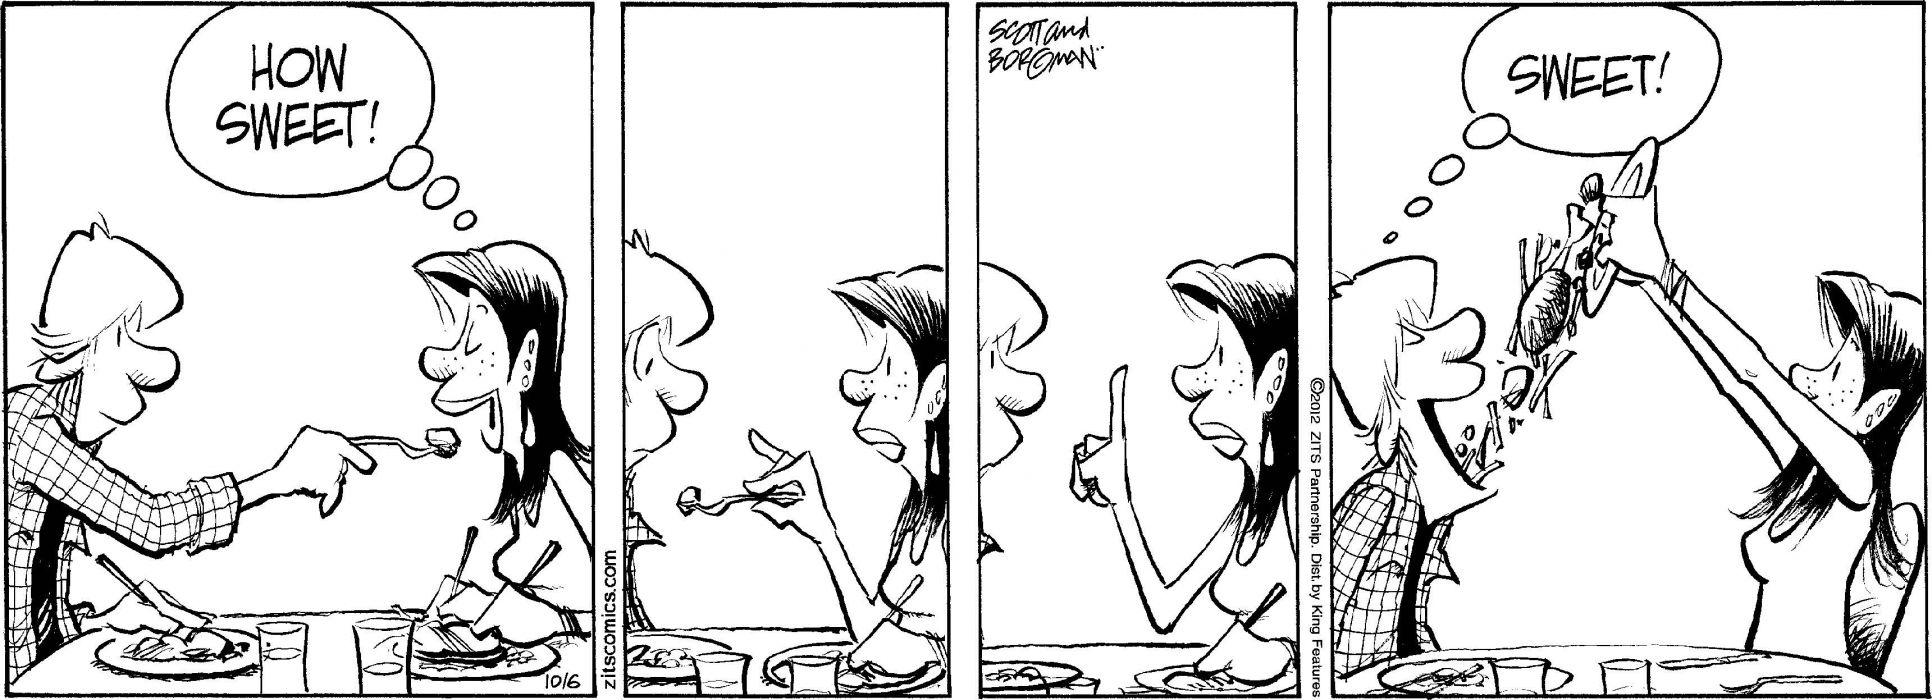 ZITS comicstrip humor funny (25) wallpaper